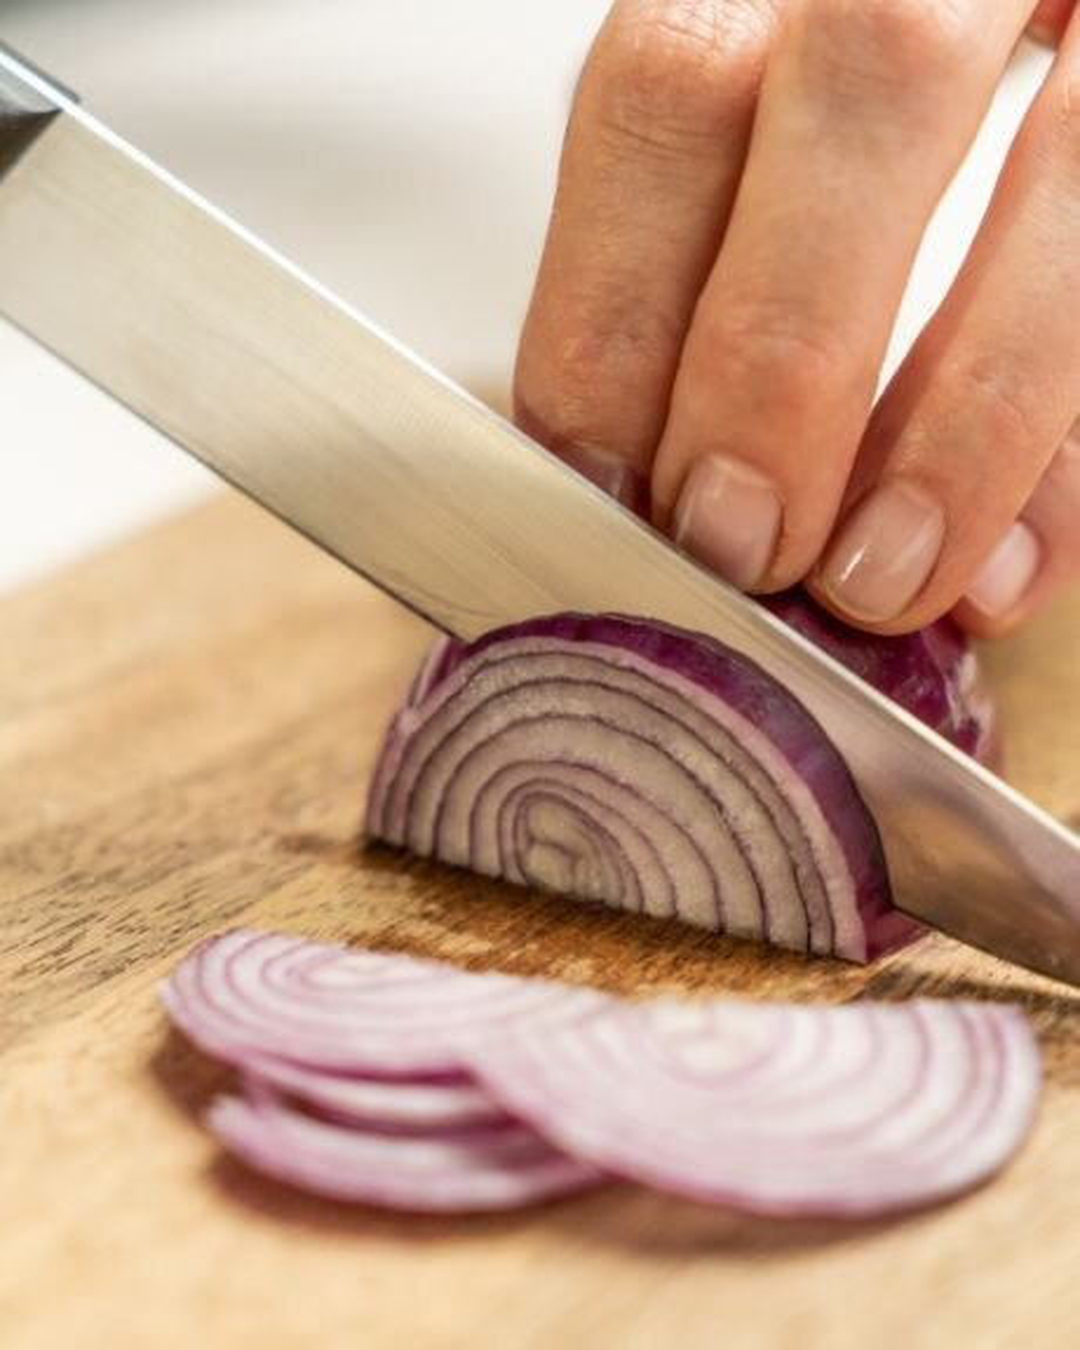 Auf diesem Bild siehst du wie eine Zwiebel geschnitten wird.